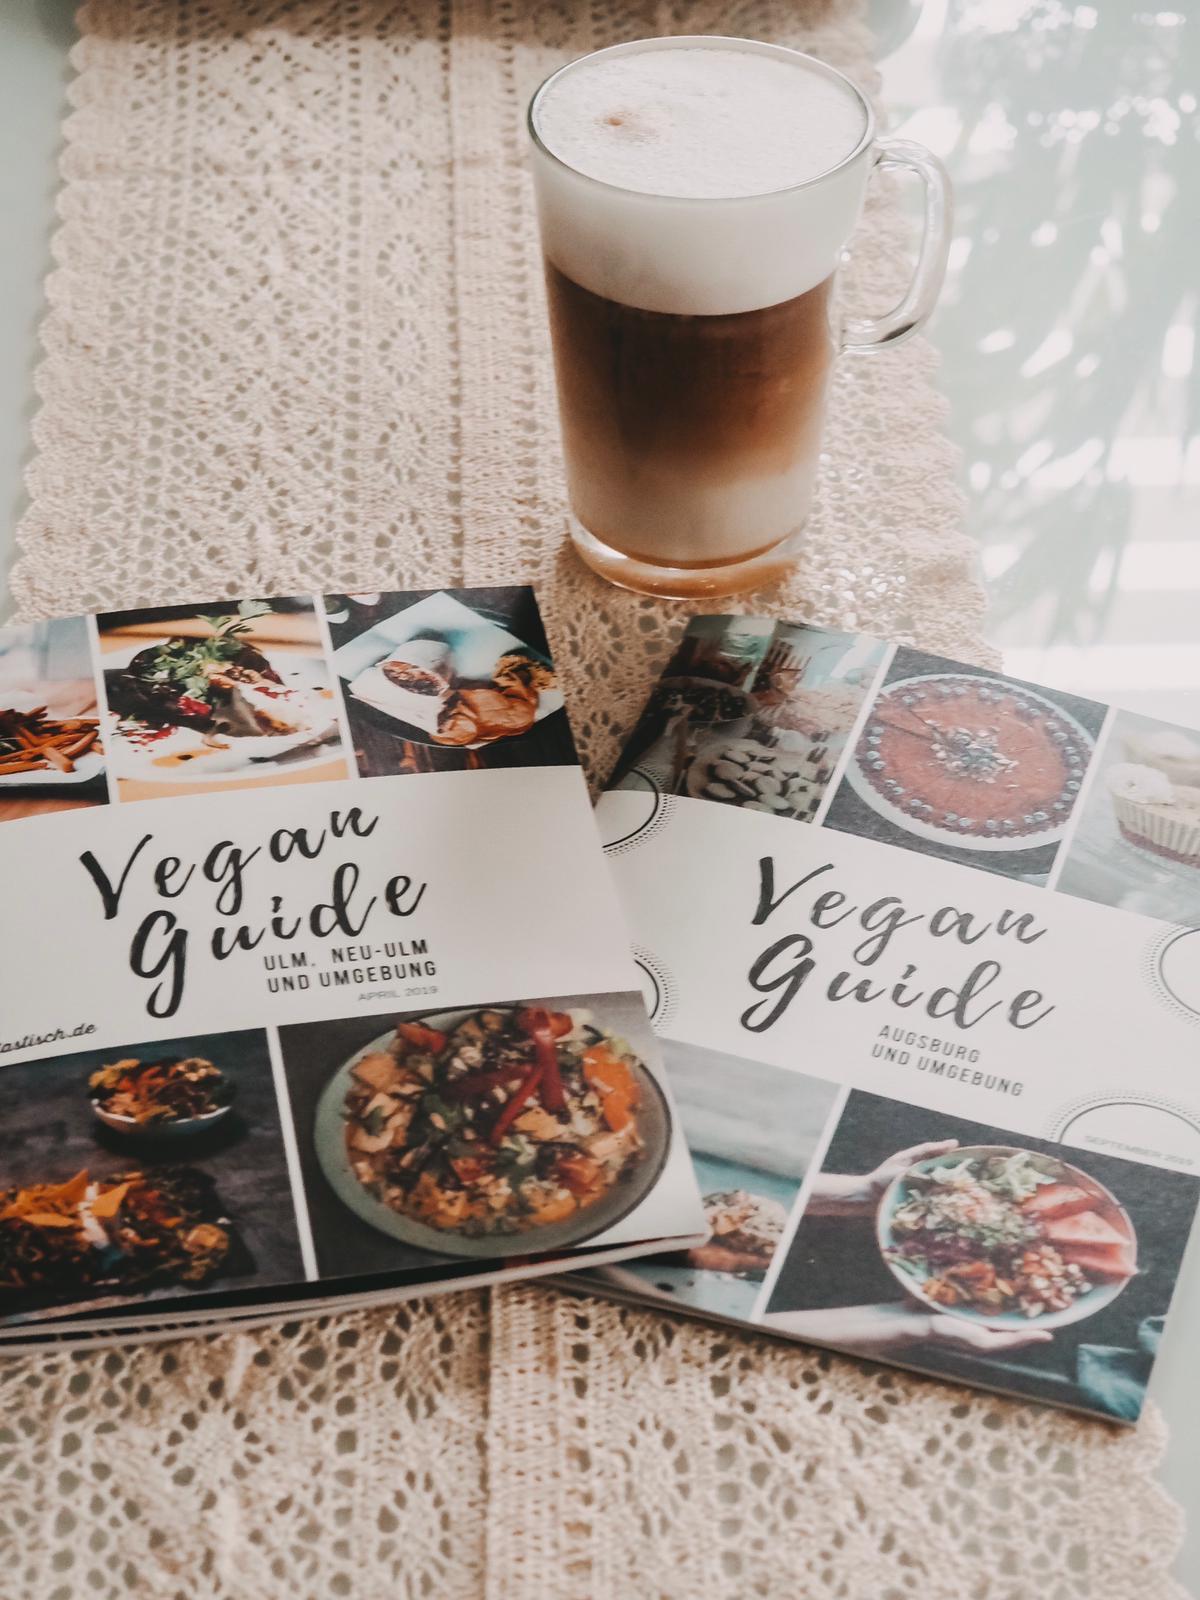 Der Vegan Guide von Vegtastisch für Ulm und Augsburg beinhaltet Cafés, Restaurants und Bioläden und top Shopping-Adressen für einen nachhaltigen Lebensstil.